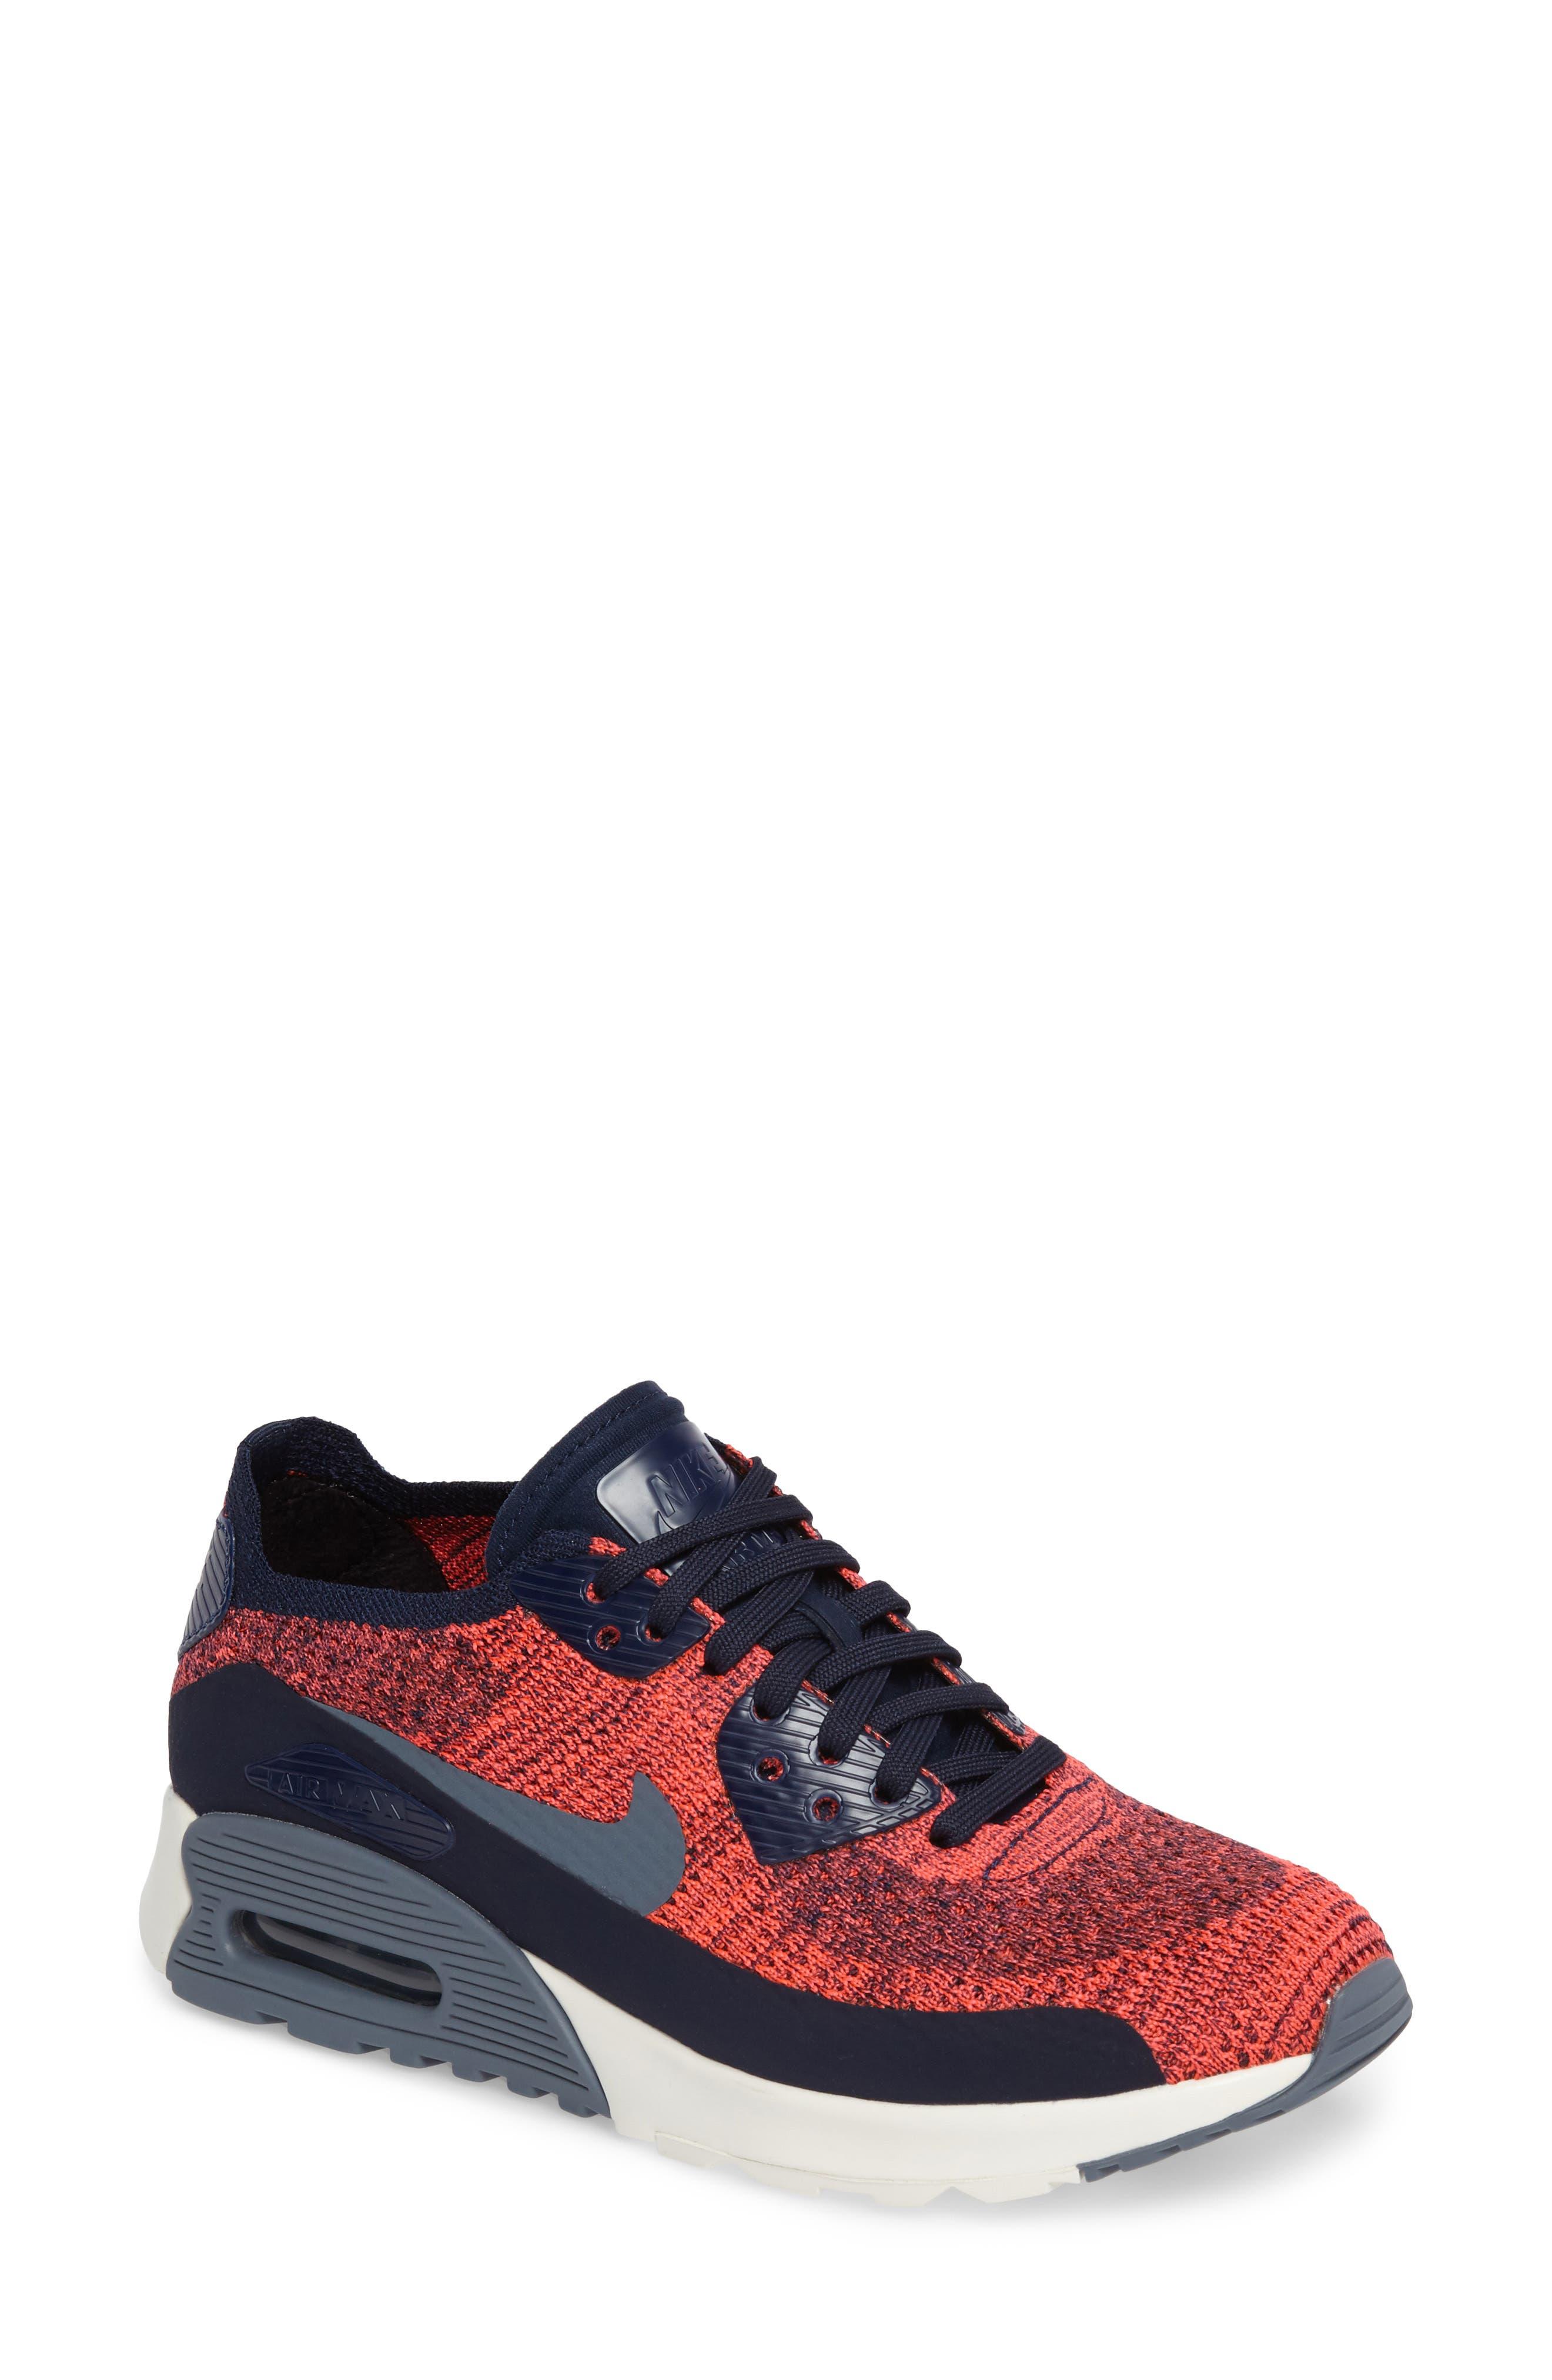 Nike Air Max 90 Flyknit Ultra 2.0 Sneaker (Women)